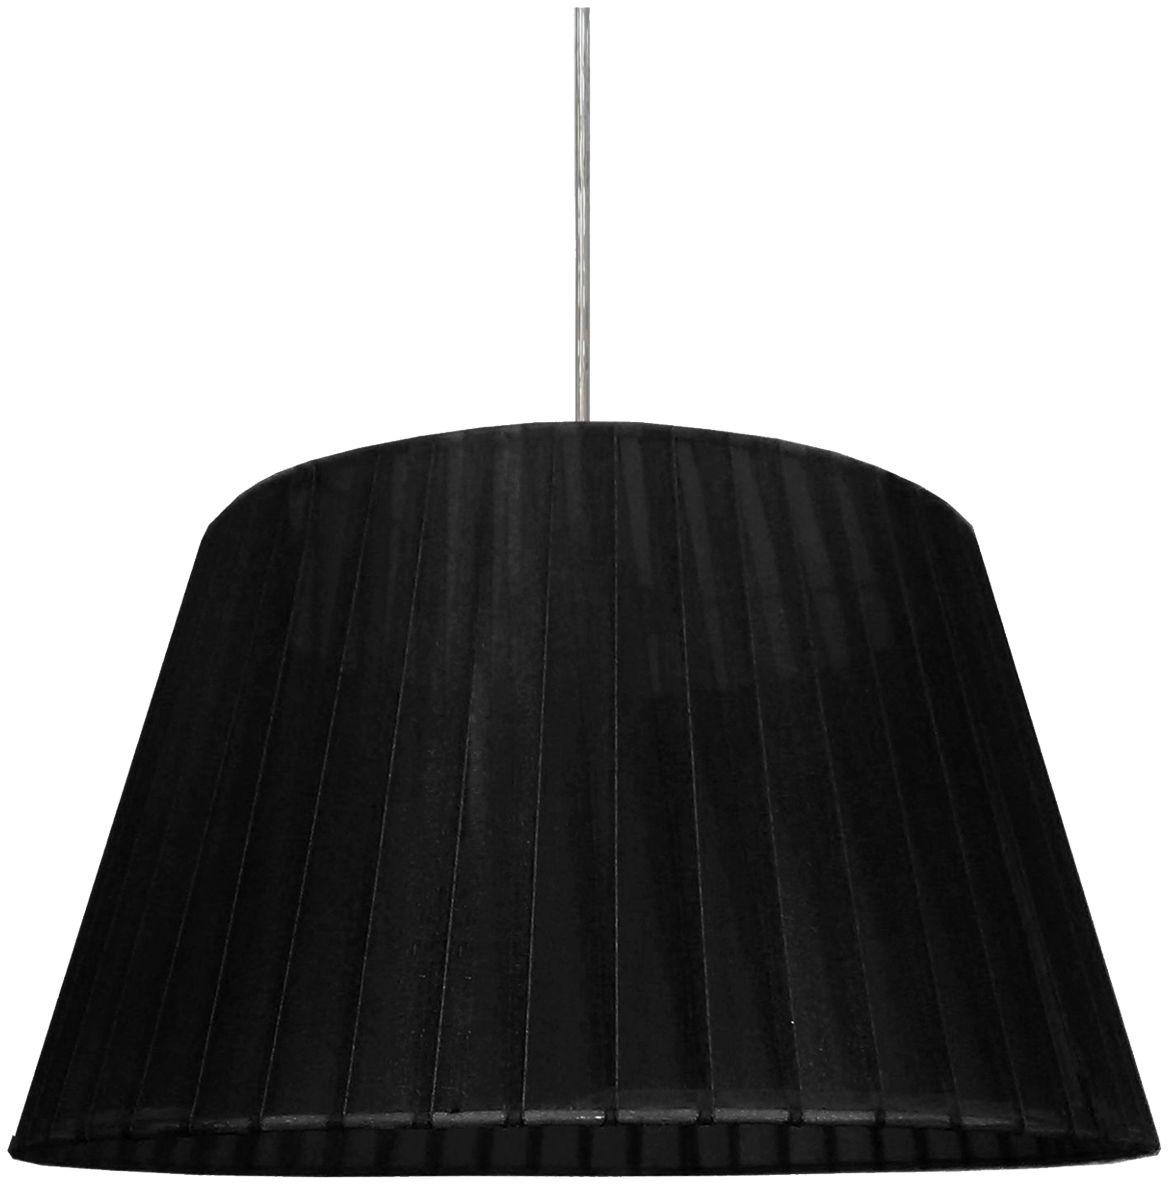 Candellux TIZIANO 31-27122 lampa wisząca abażur stożkowy z tkaniny czarnej 1X60W E27 37 cm